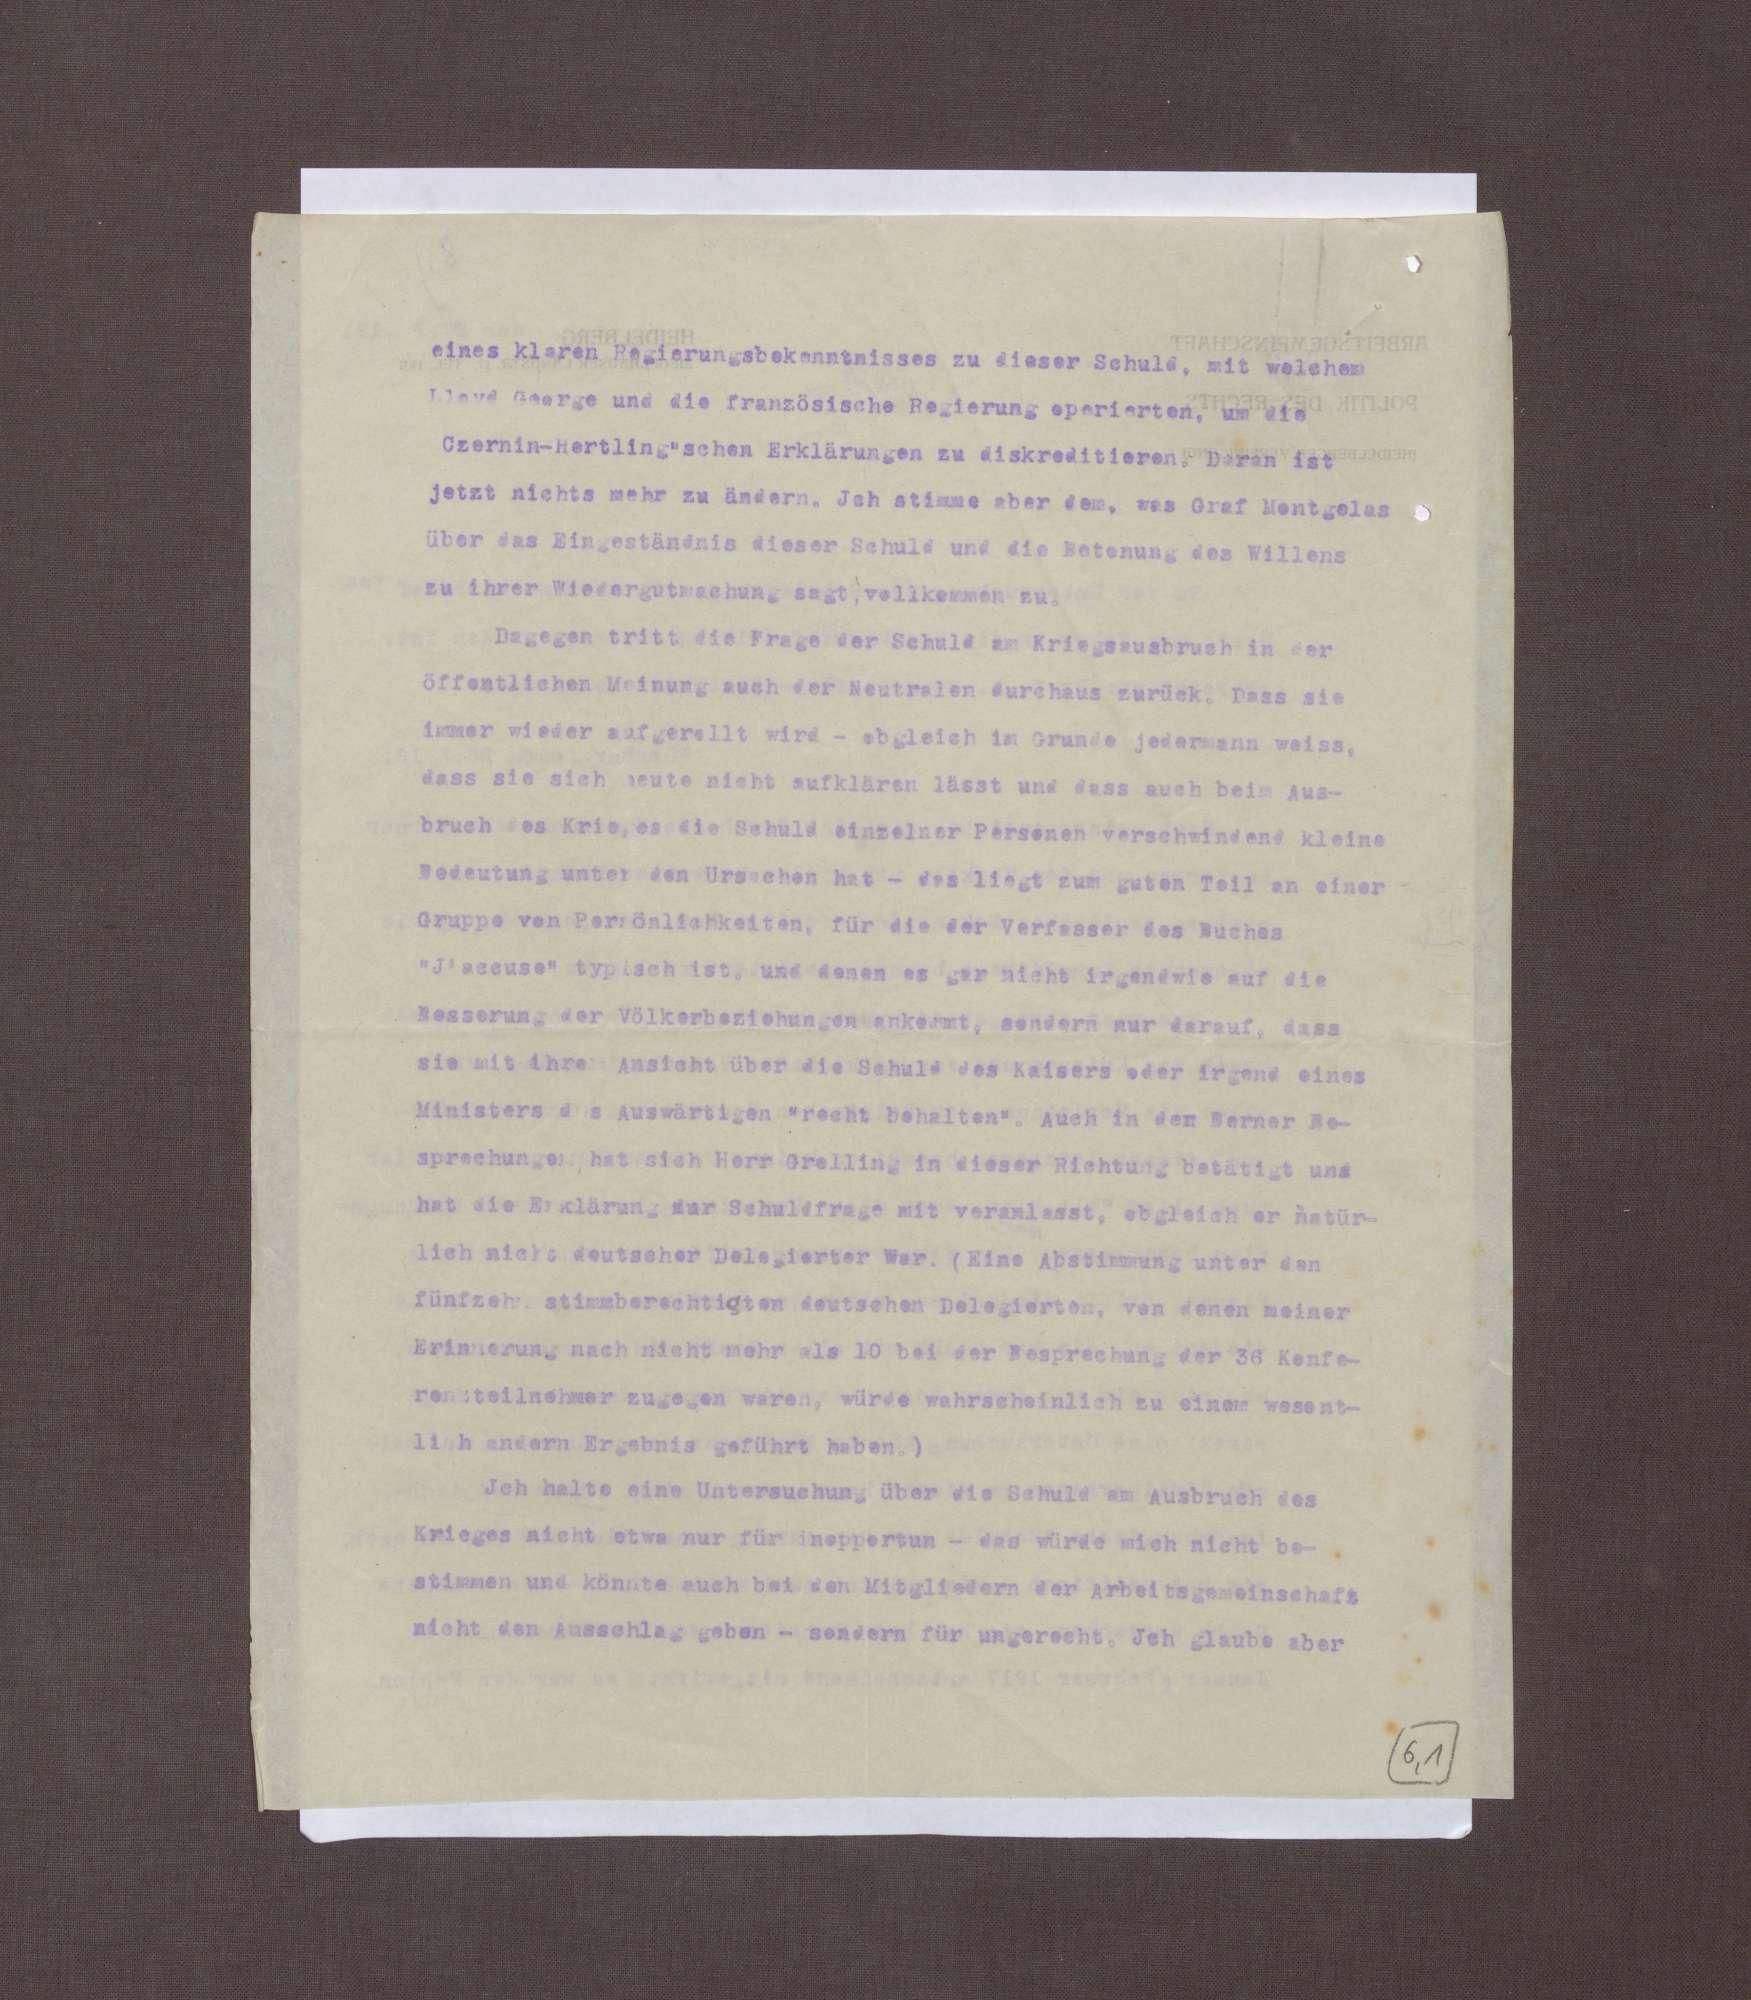 Schreiben von Albrecht Mendelssohn-Bartholdy bzgl. eines Briefs Max Webers an die Redaktion der Frankfurter Zeitung, Bild 2